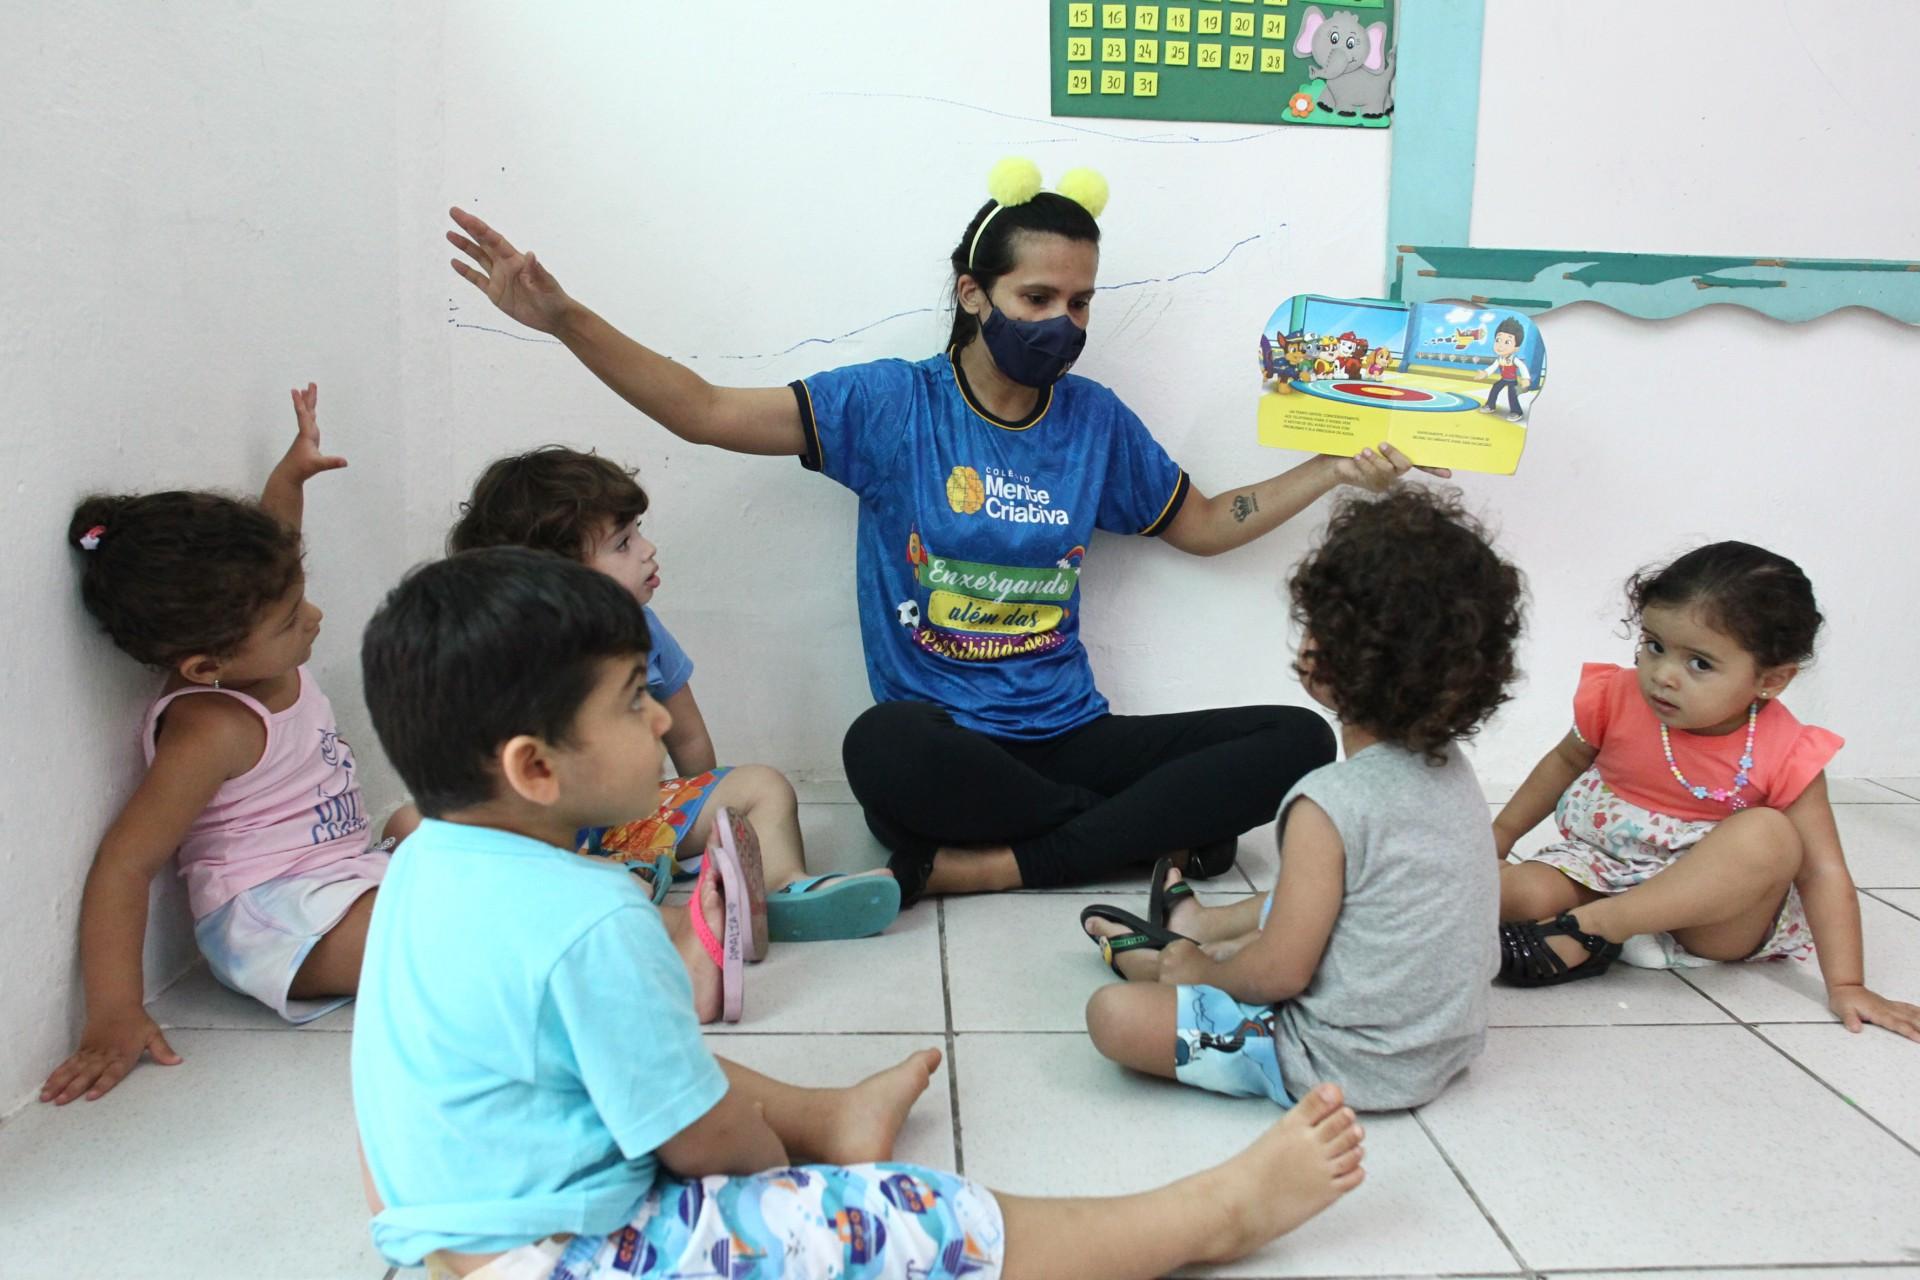 ESCOLA DE ENSINO infantil, Mente Criativa, no Passaré, conta com turmas adaptadas